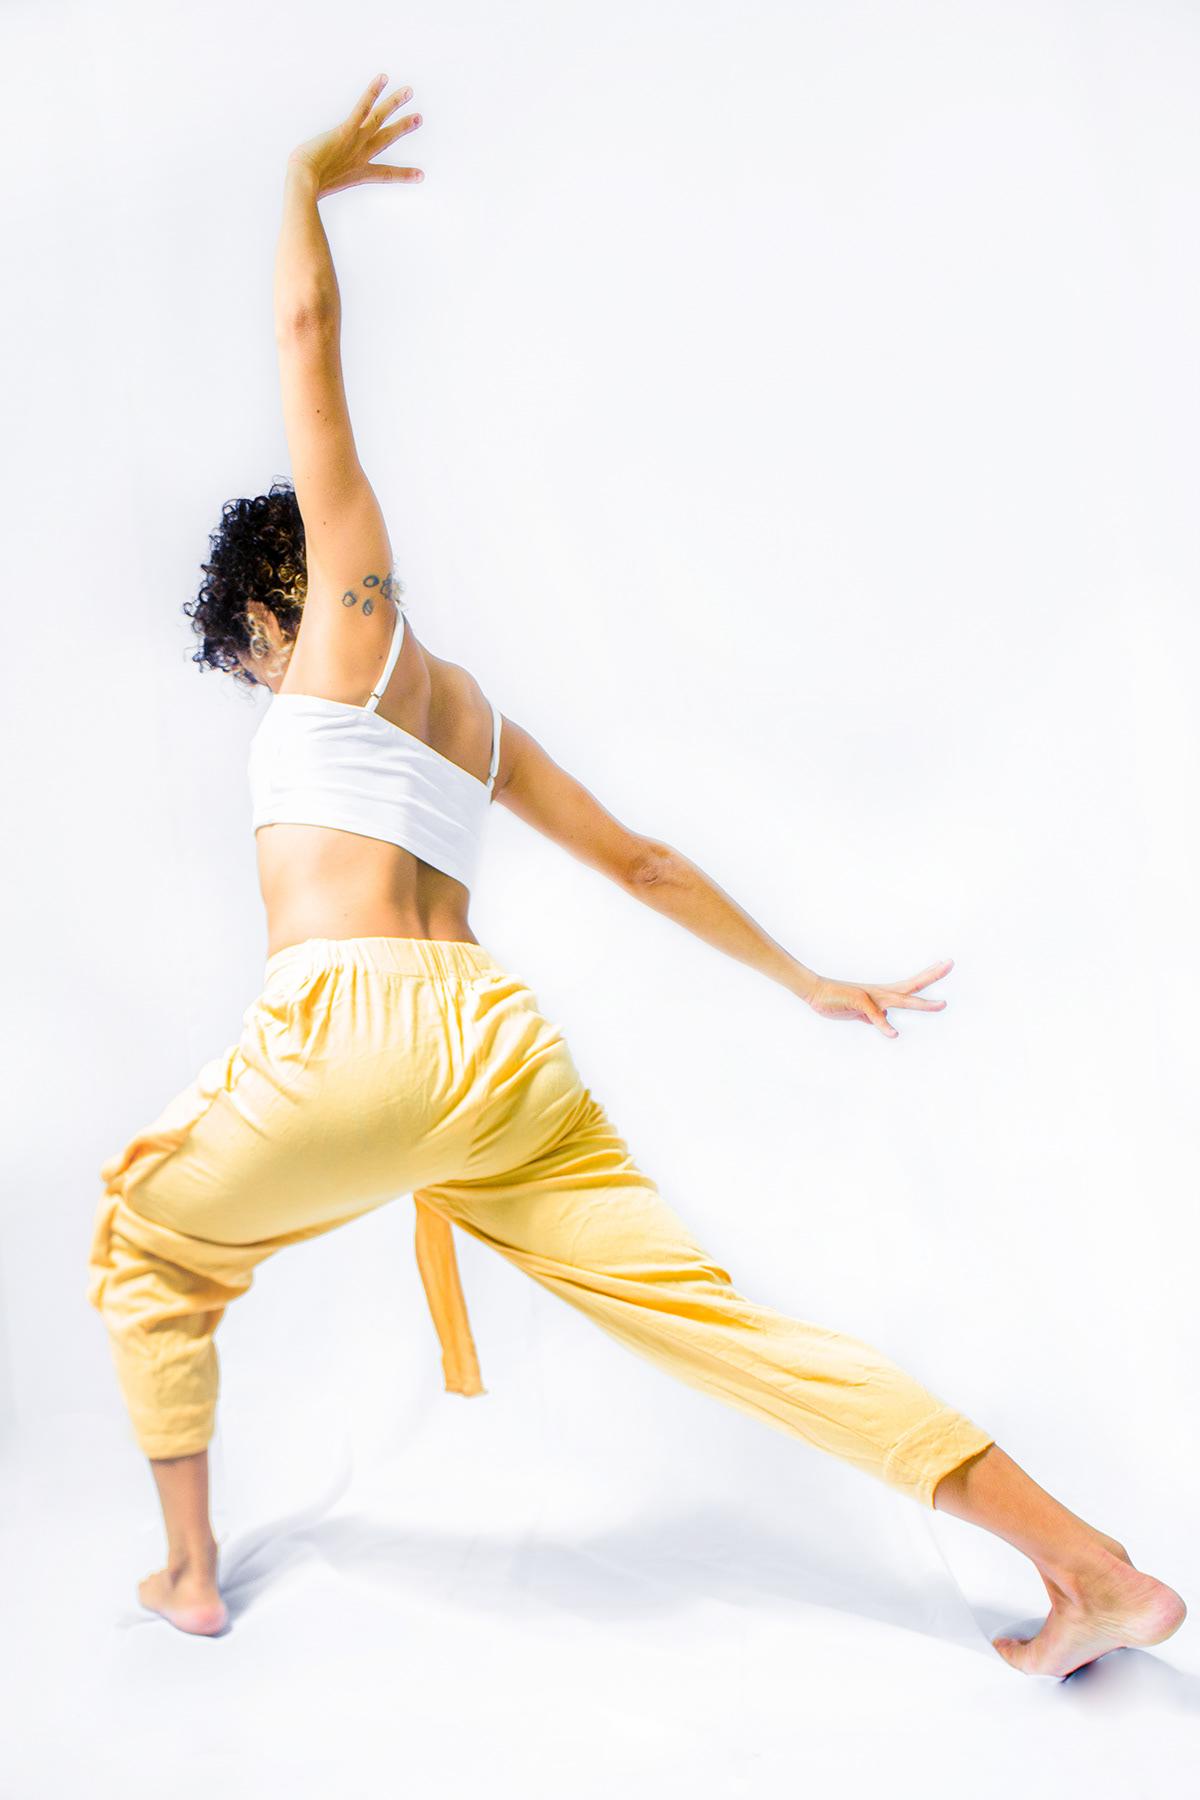 fotografia de danca,fotografia de studio,fotos divulgação,fotos promo,retrato